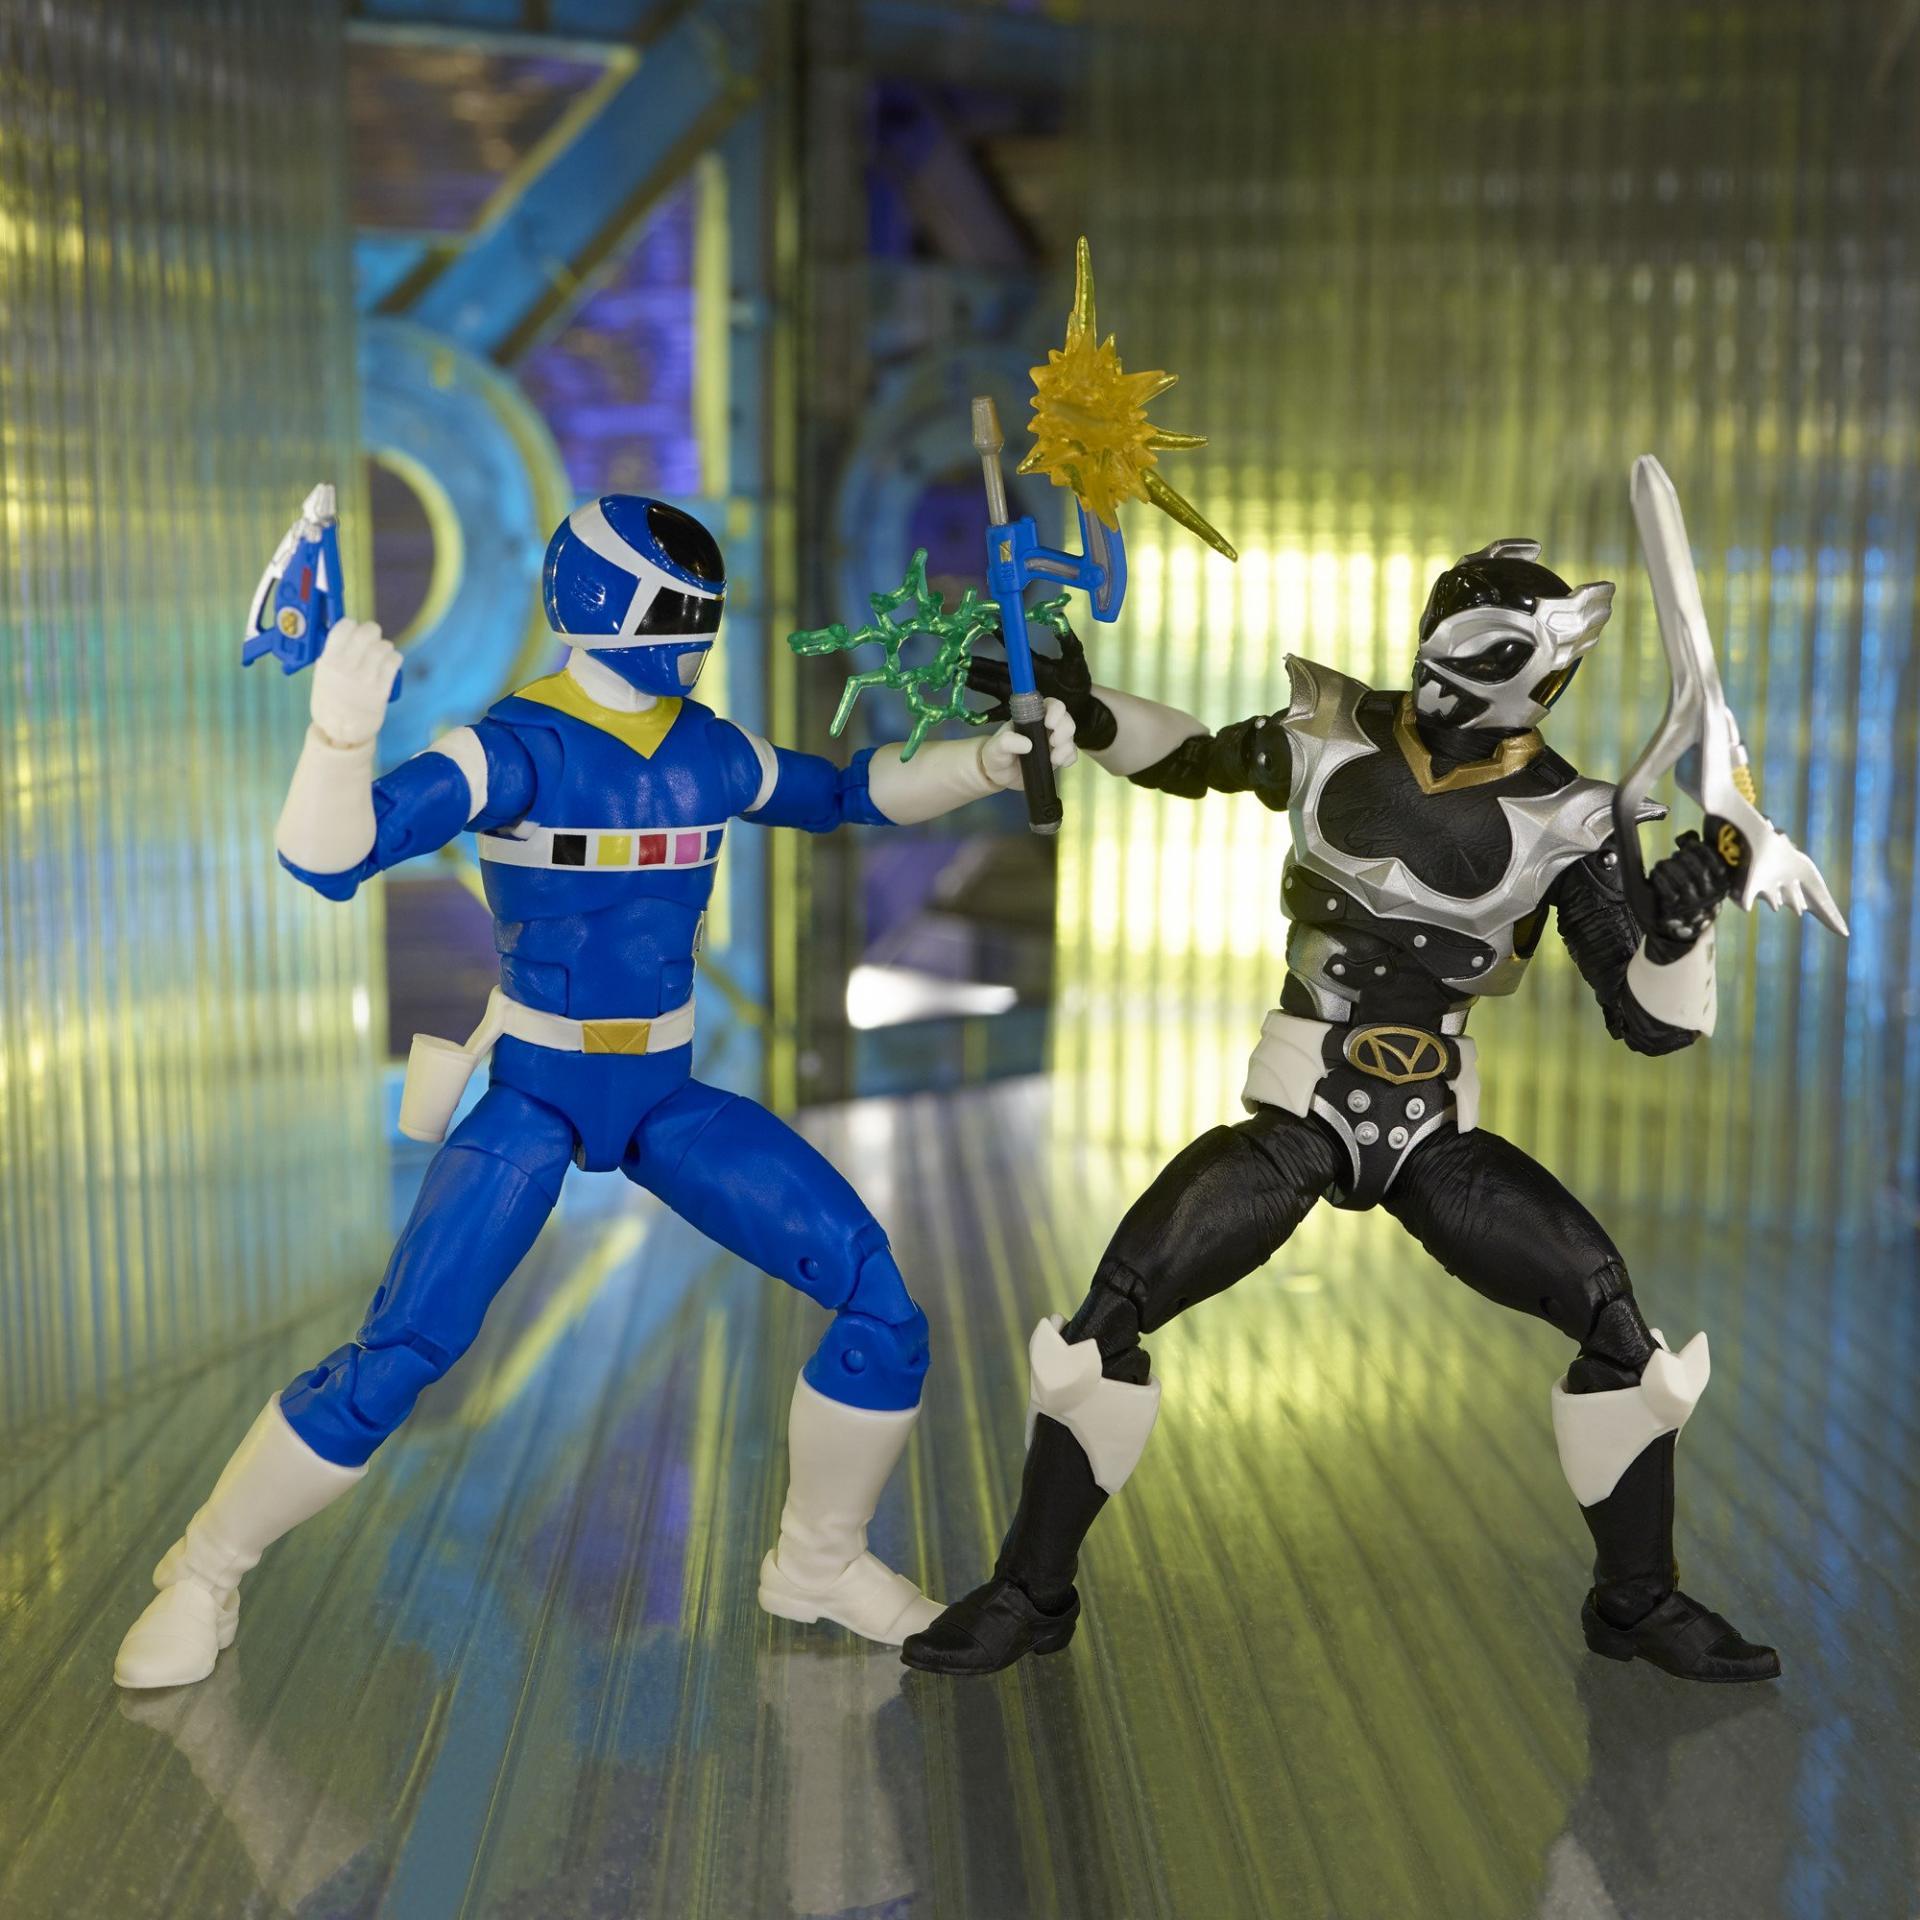 Power rangers lightning collection blue ranger vs silver psycho ranger 15cm3